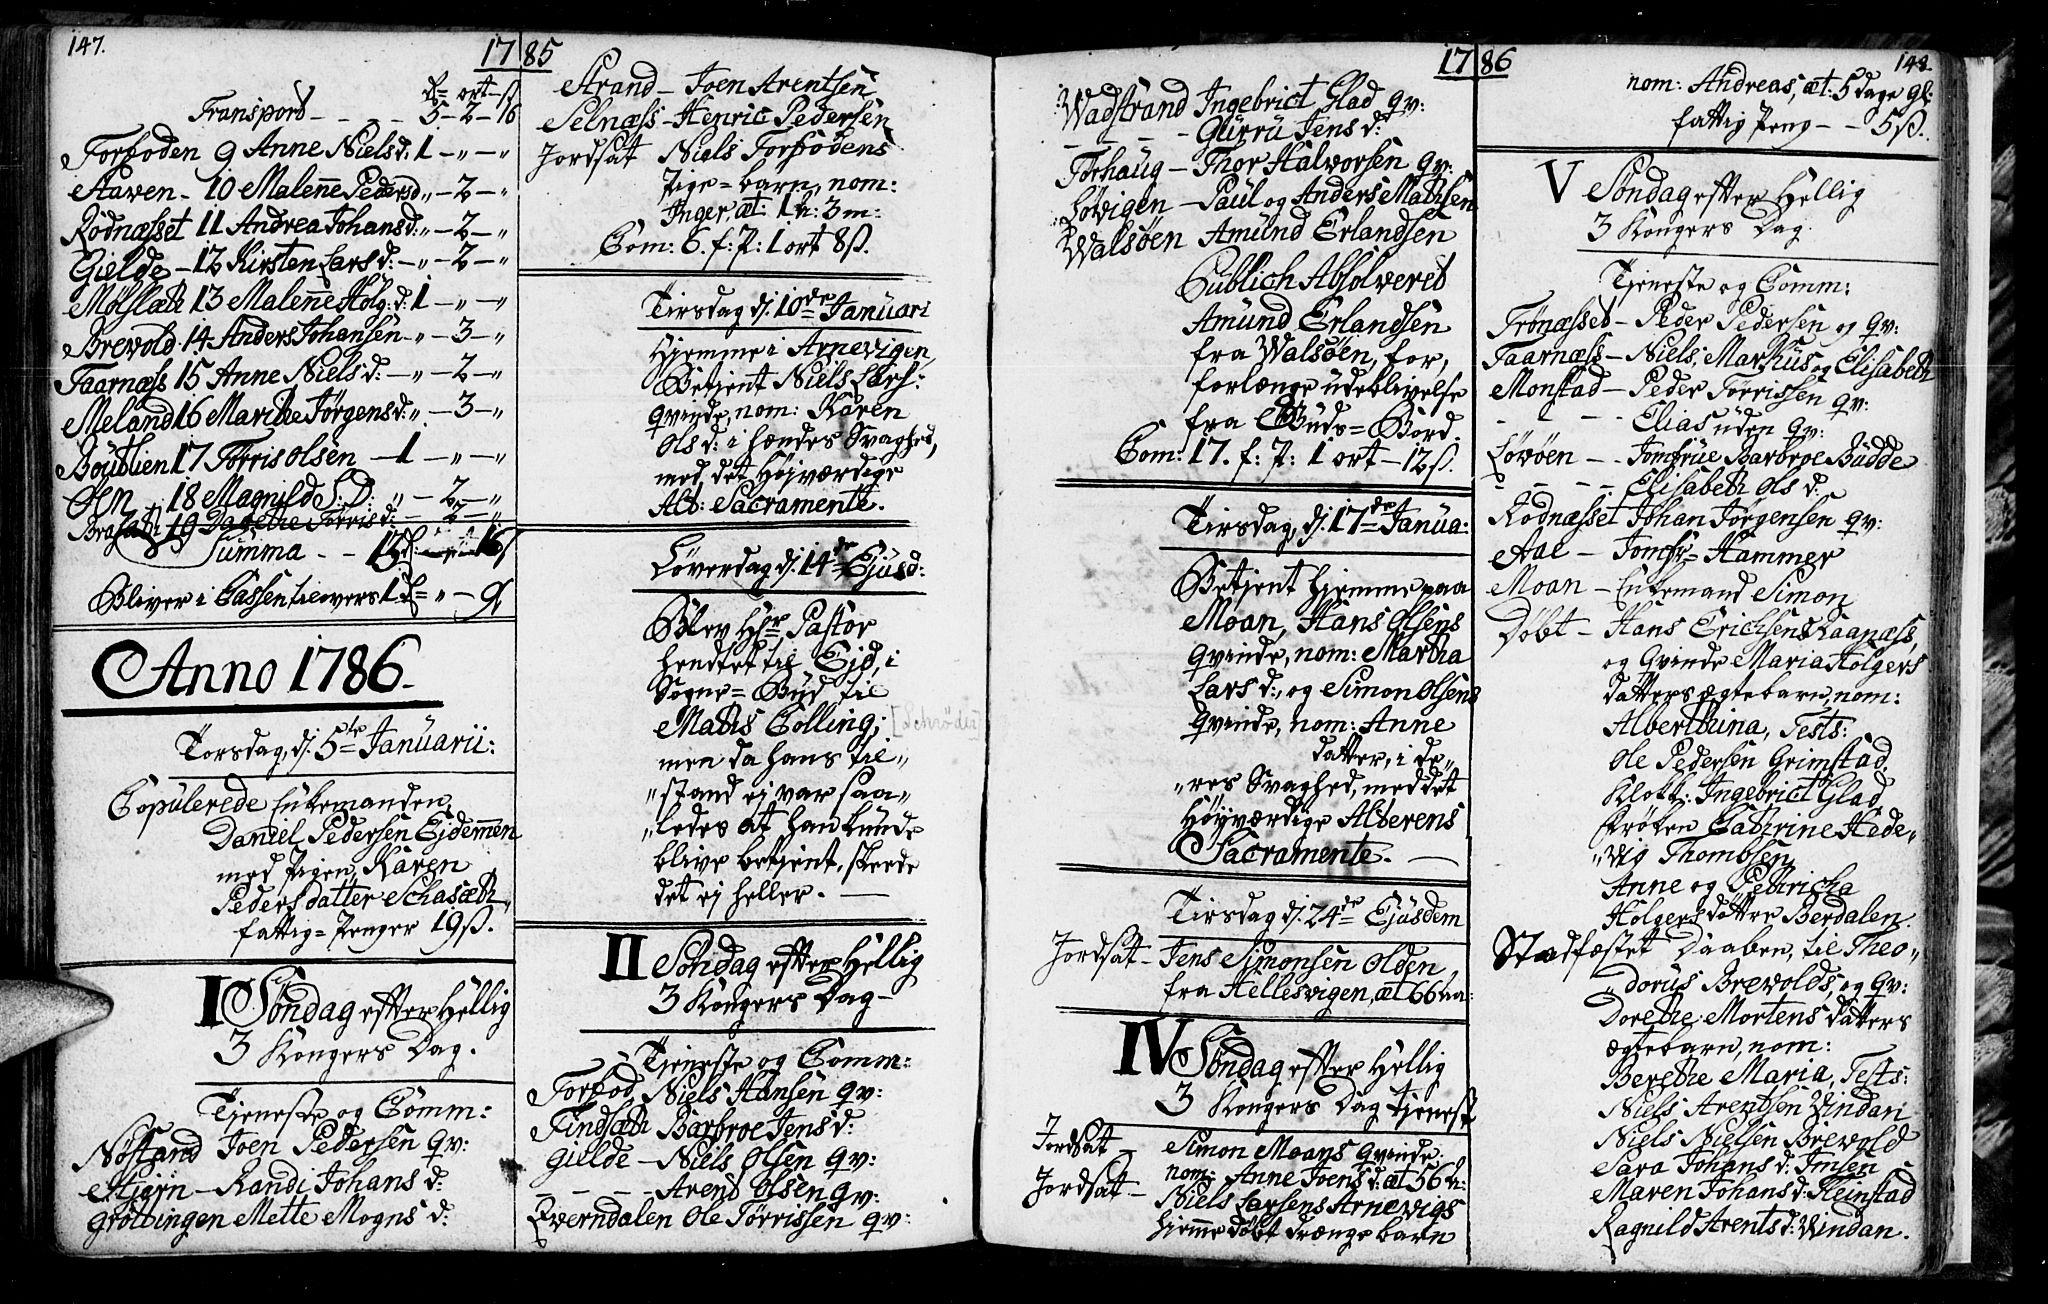 SAT, Ministerialprotokoller, klokkerbøker og fødselsregistre - Sør-Trøndelag, 655/L0685: Klokkerbok nr. 655C01, 1777-1788, s. 147-148